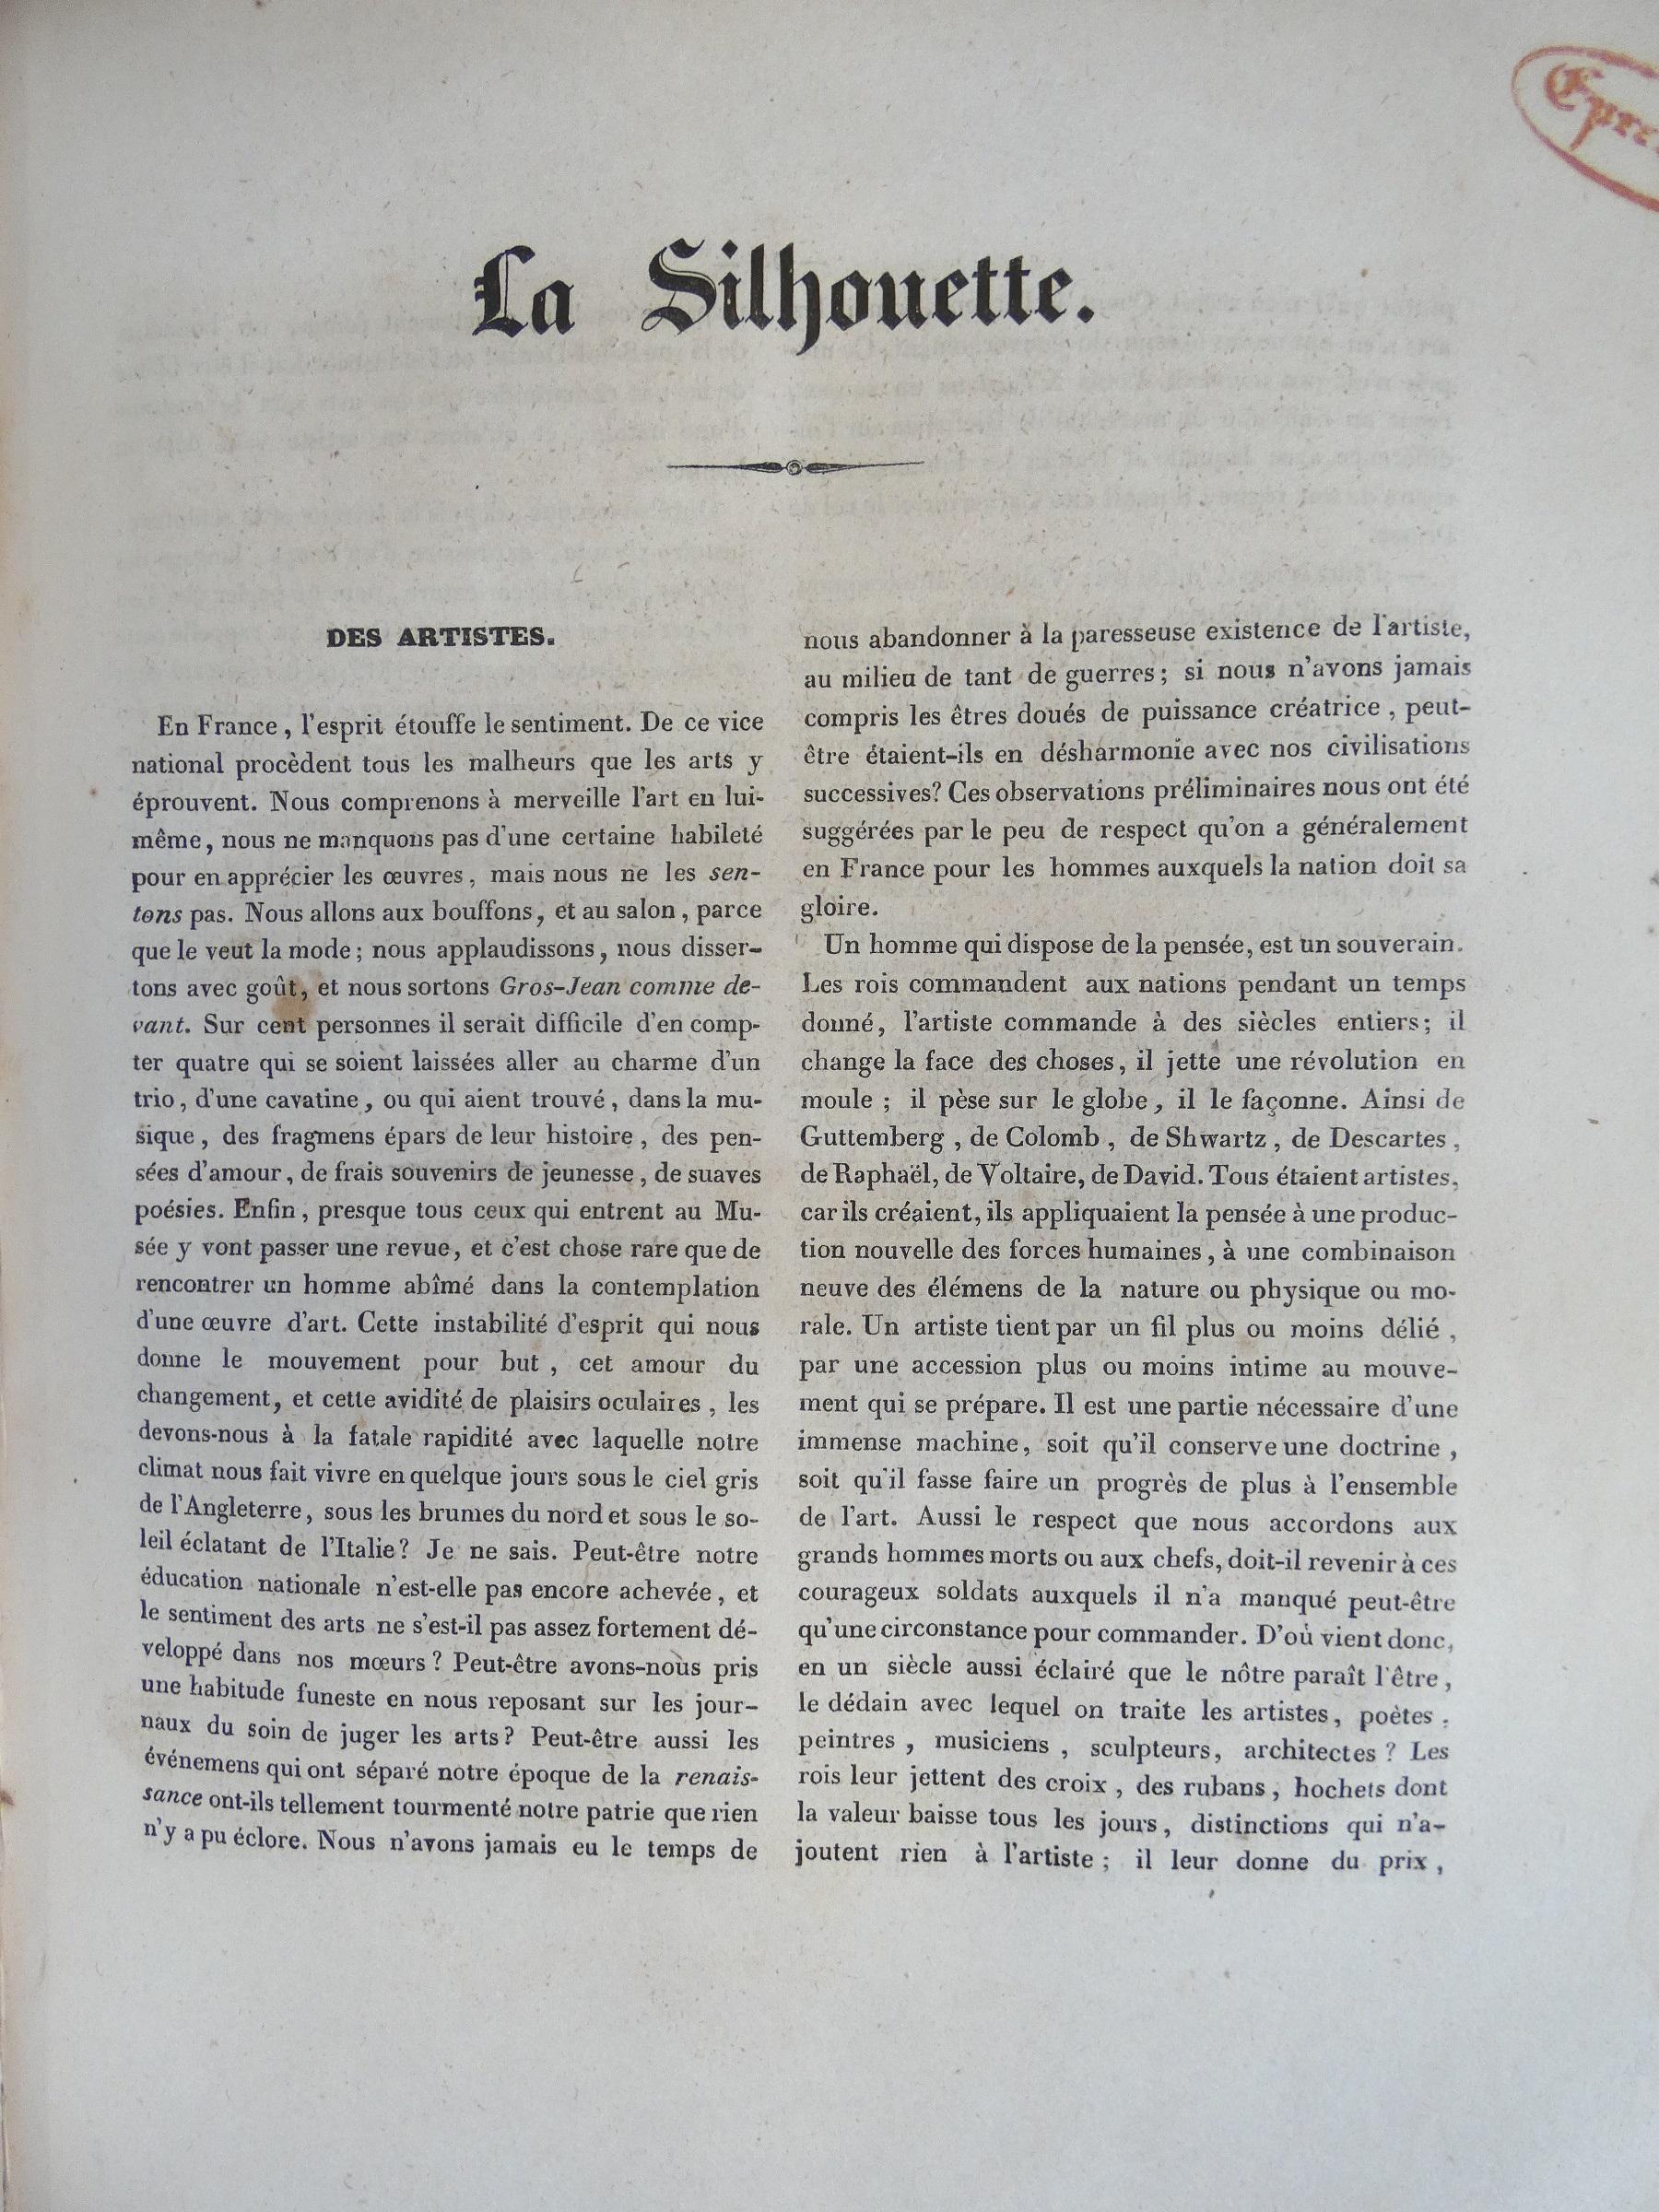 Balzac - Des artistes